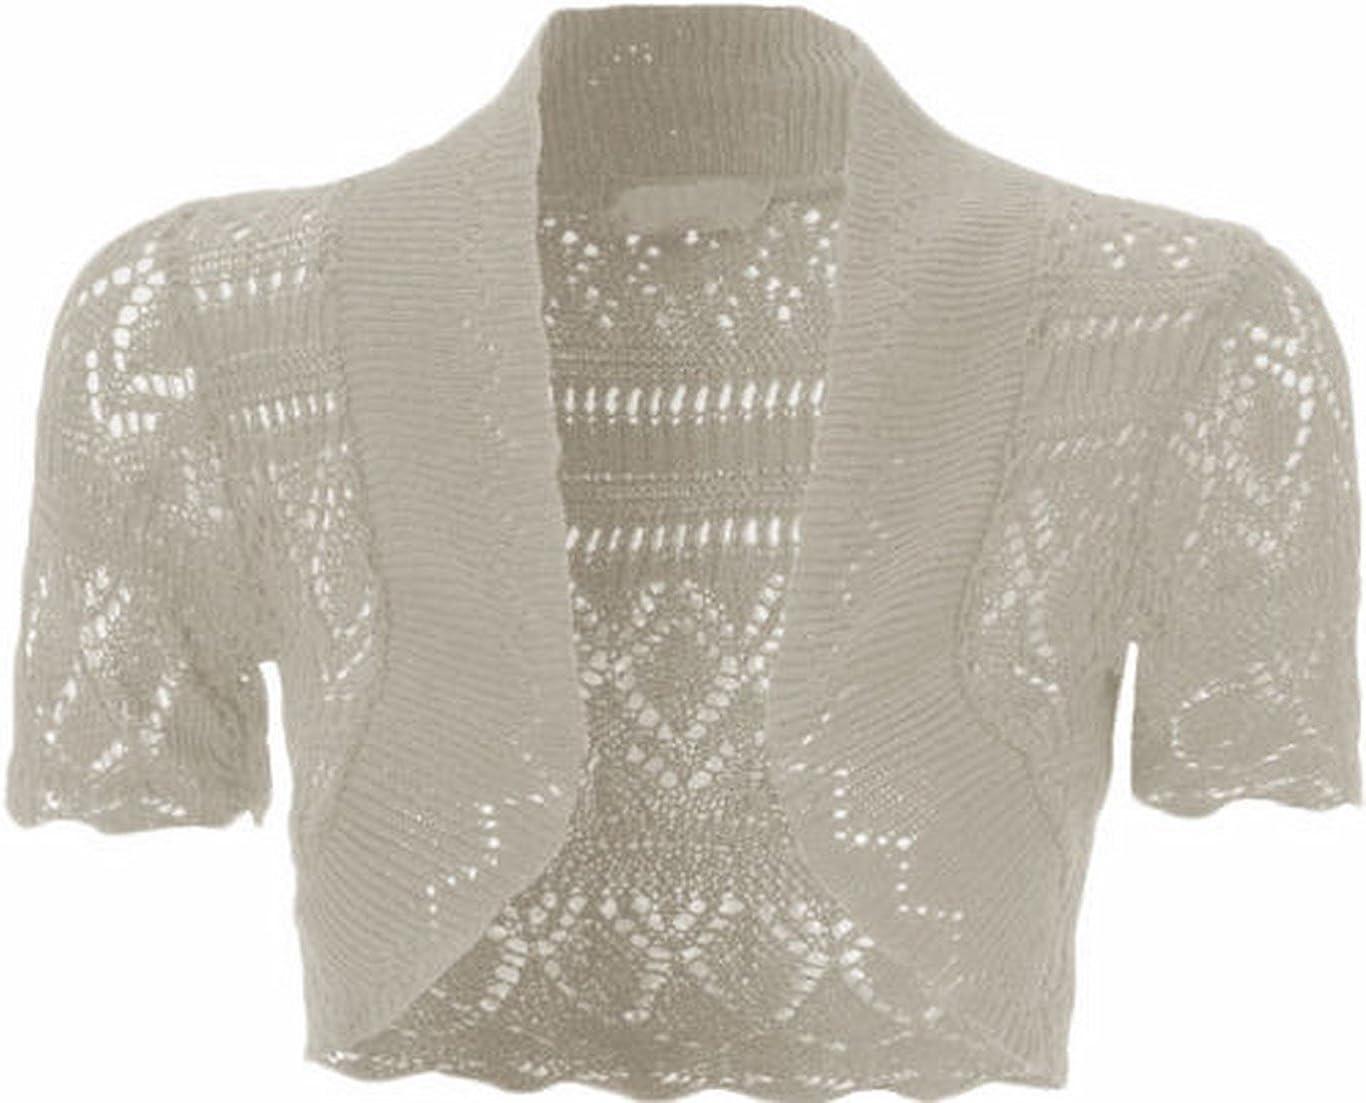 Womens Knitted Bolero Shrug Short Sleeve Crochet Shrug (L, Beige)